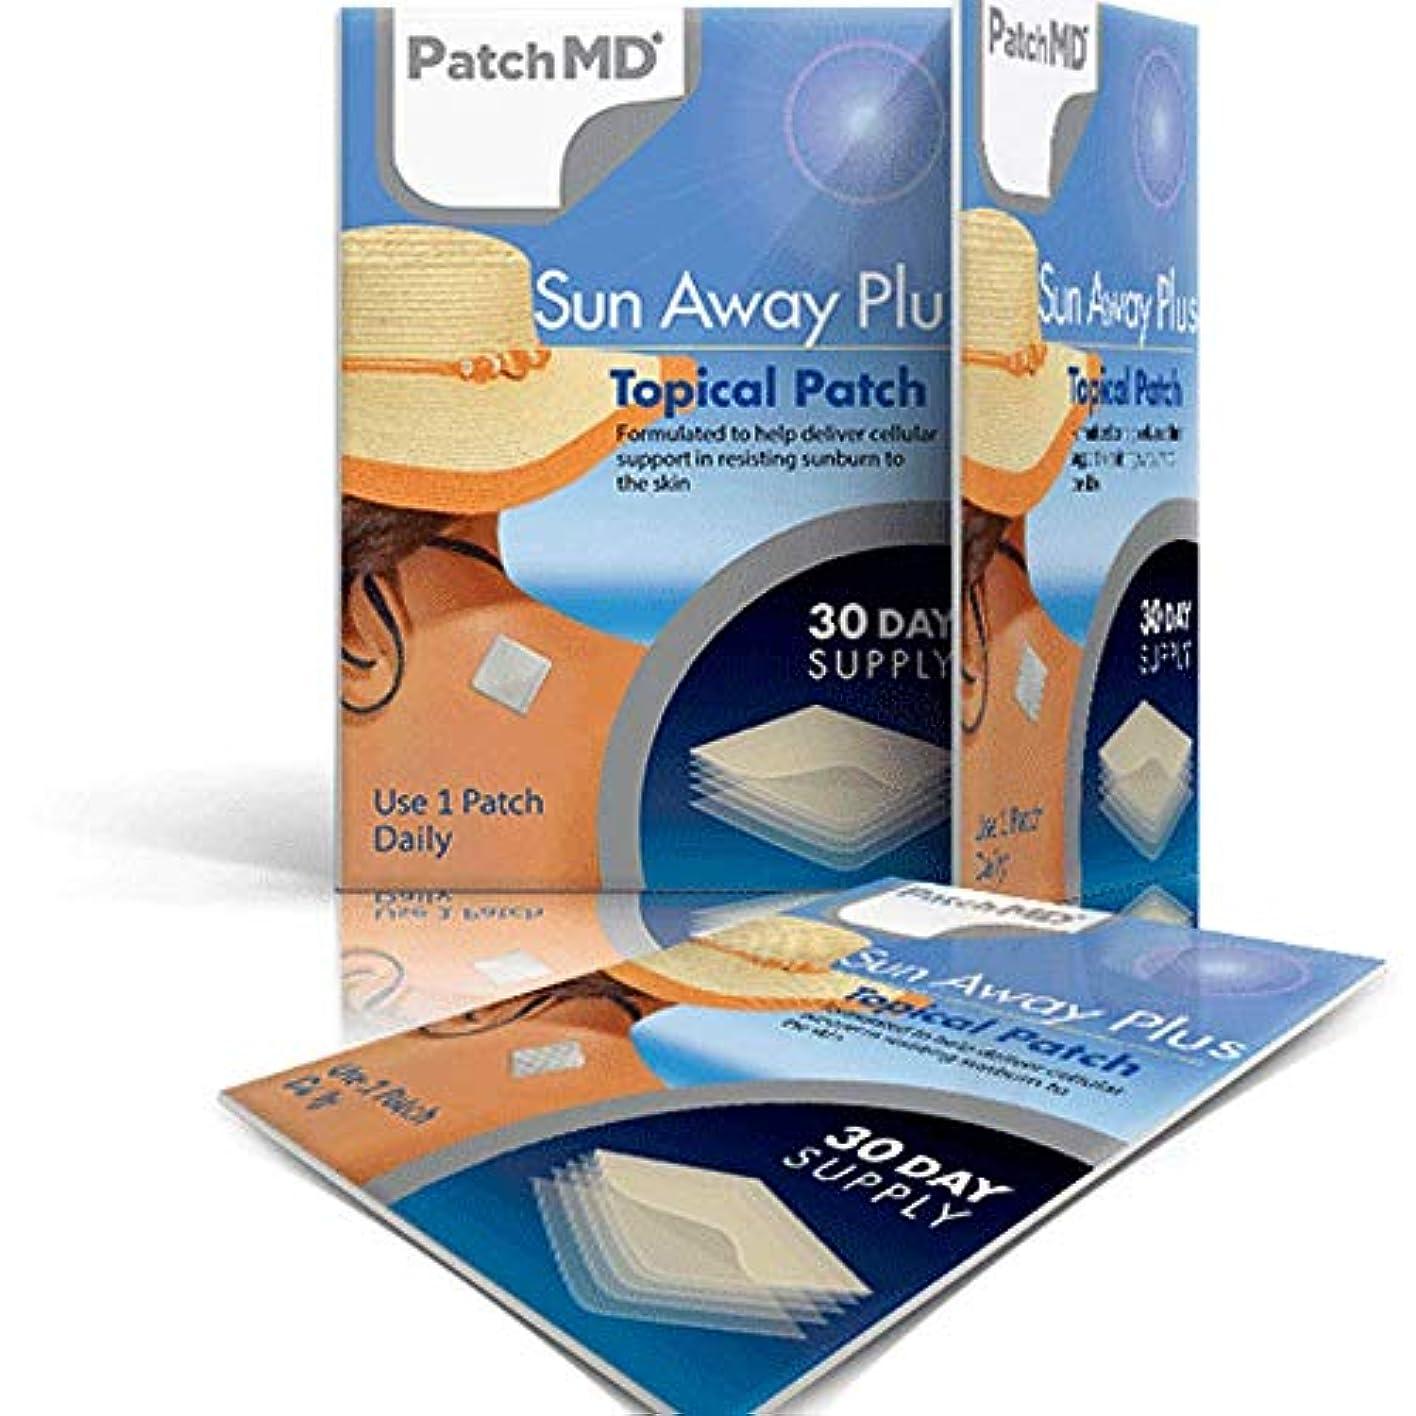 冷酷な裏切り者悪意のあるパッチMD サンアウェイプラス 30パッチ 1袋 Sun Away Plus Topical Patch